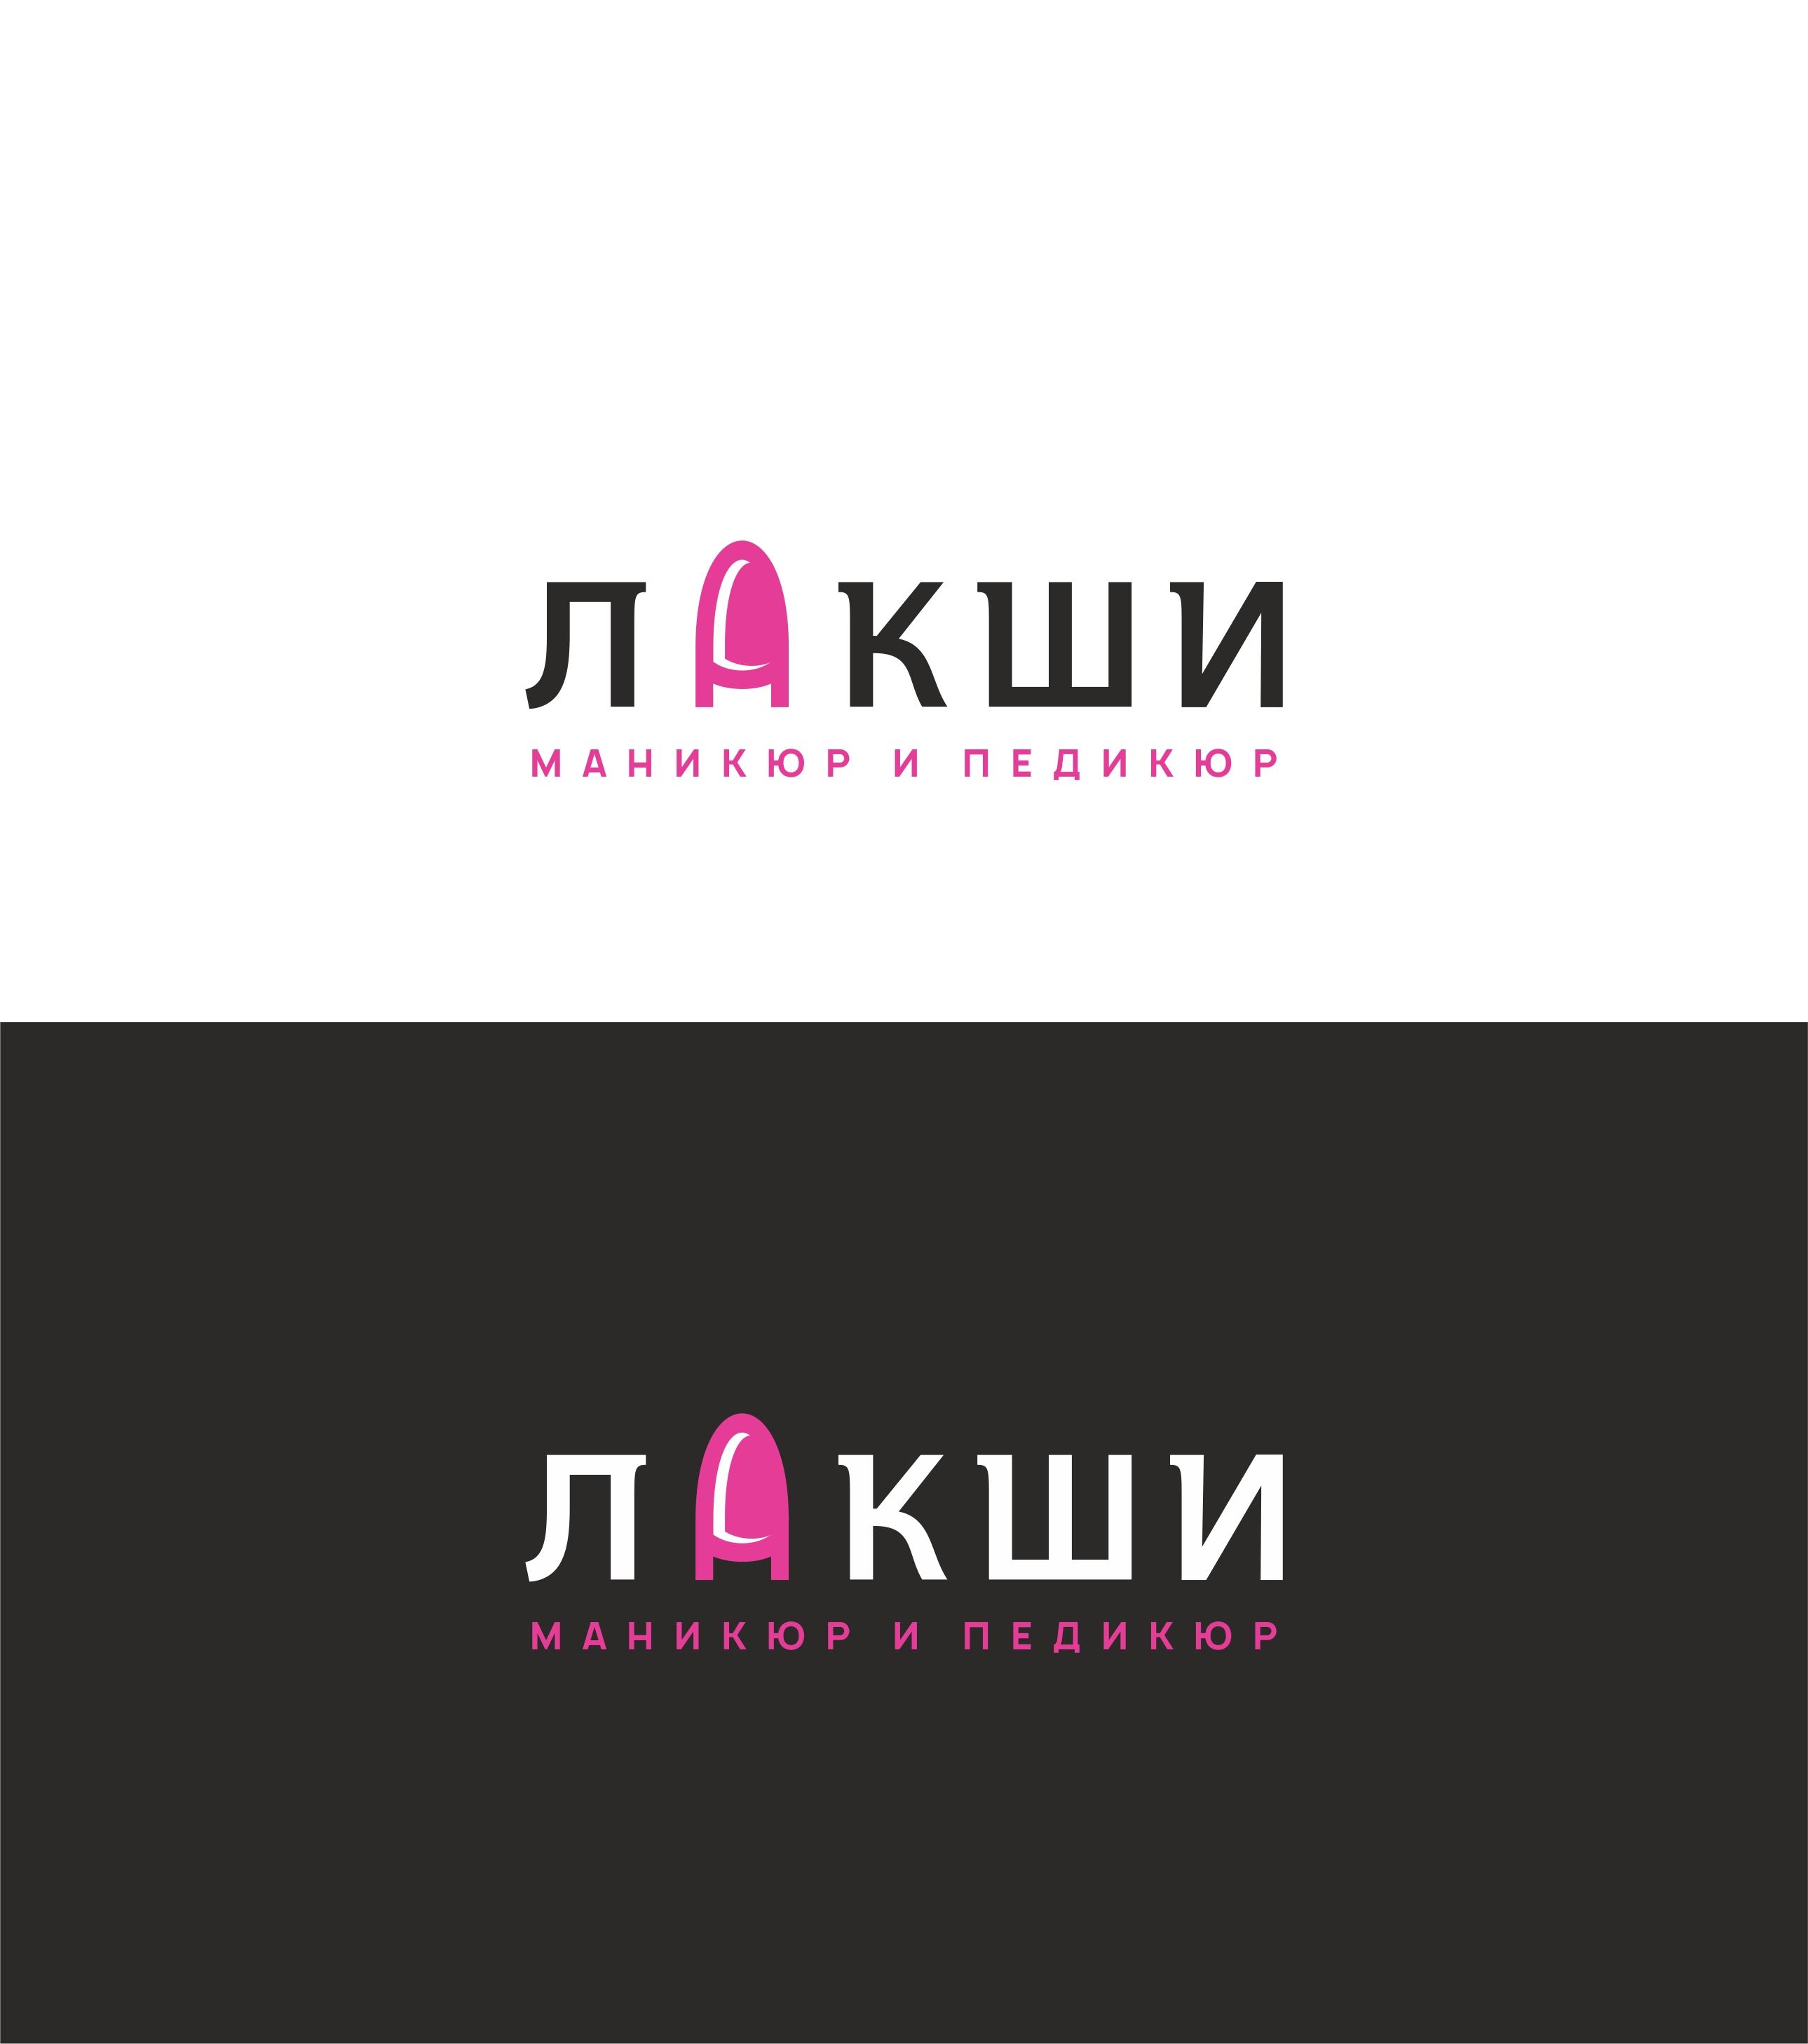 Разработка логотипа фирменного стиля фото f_3355c57ef93d652e.jpg